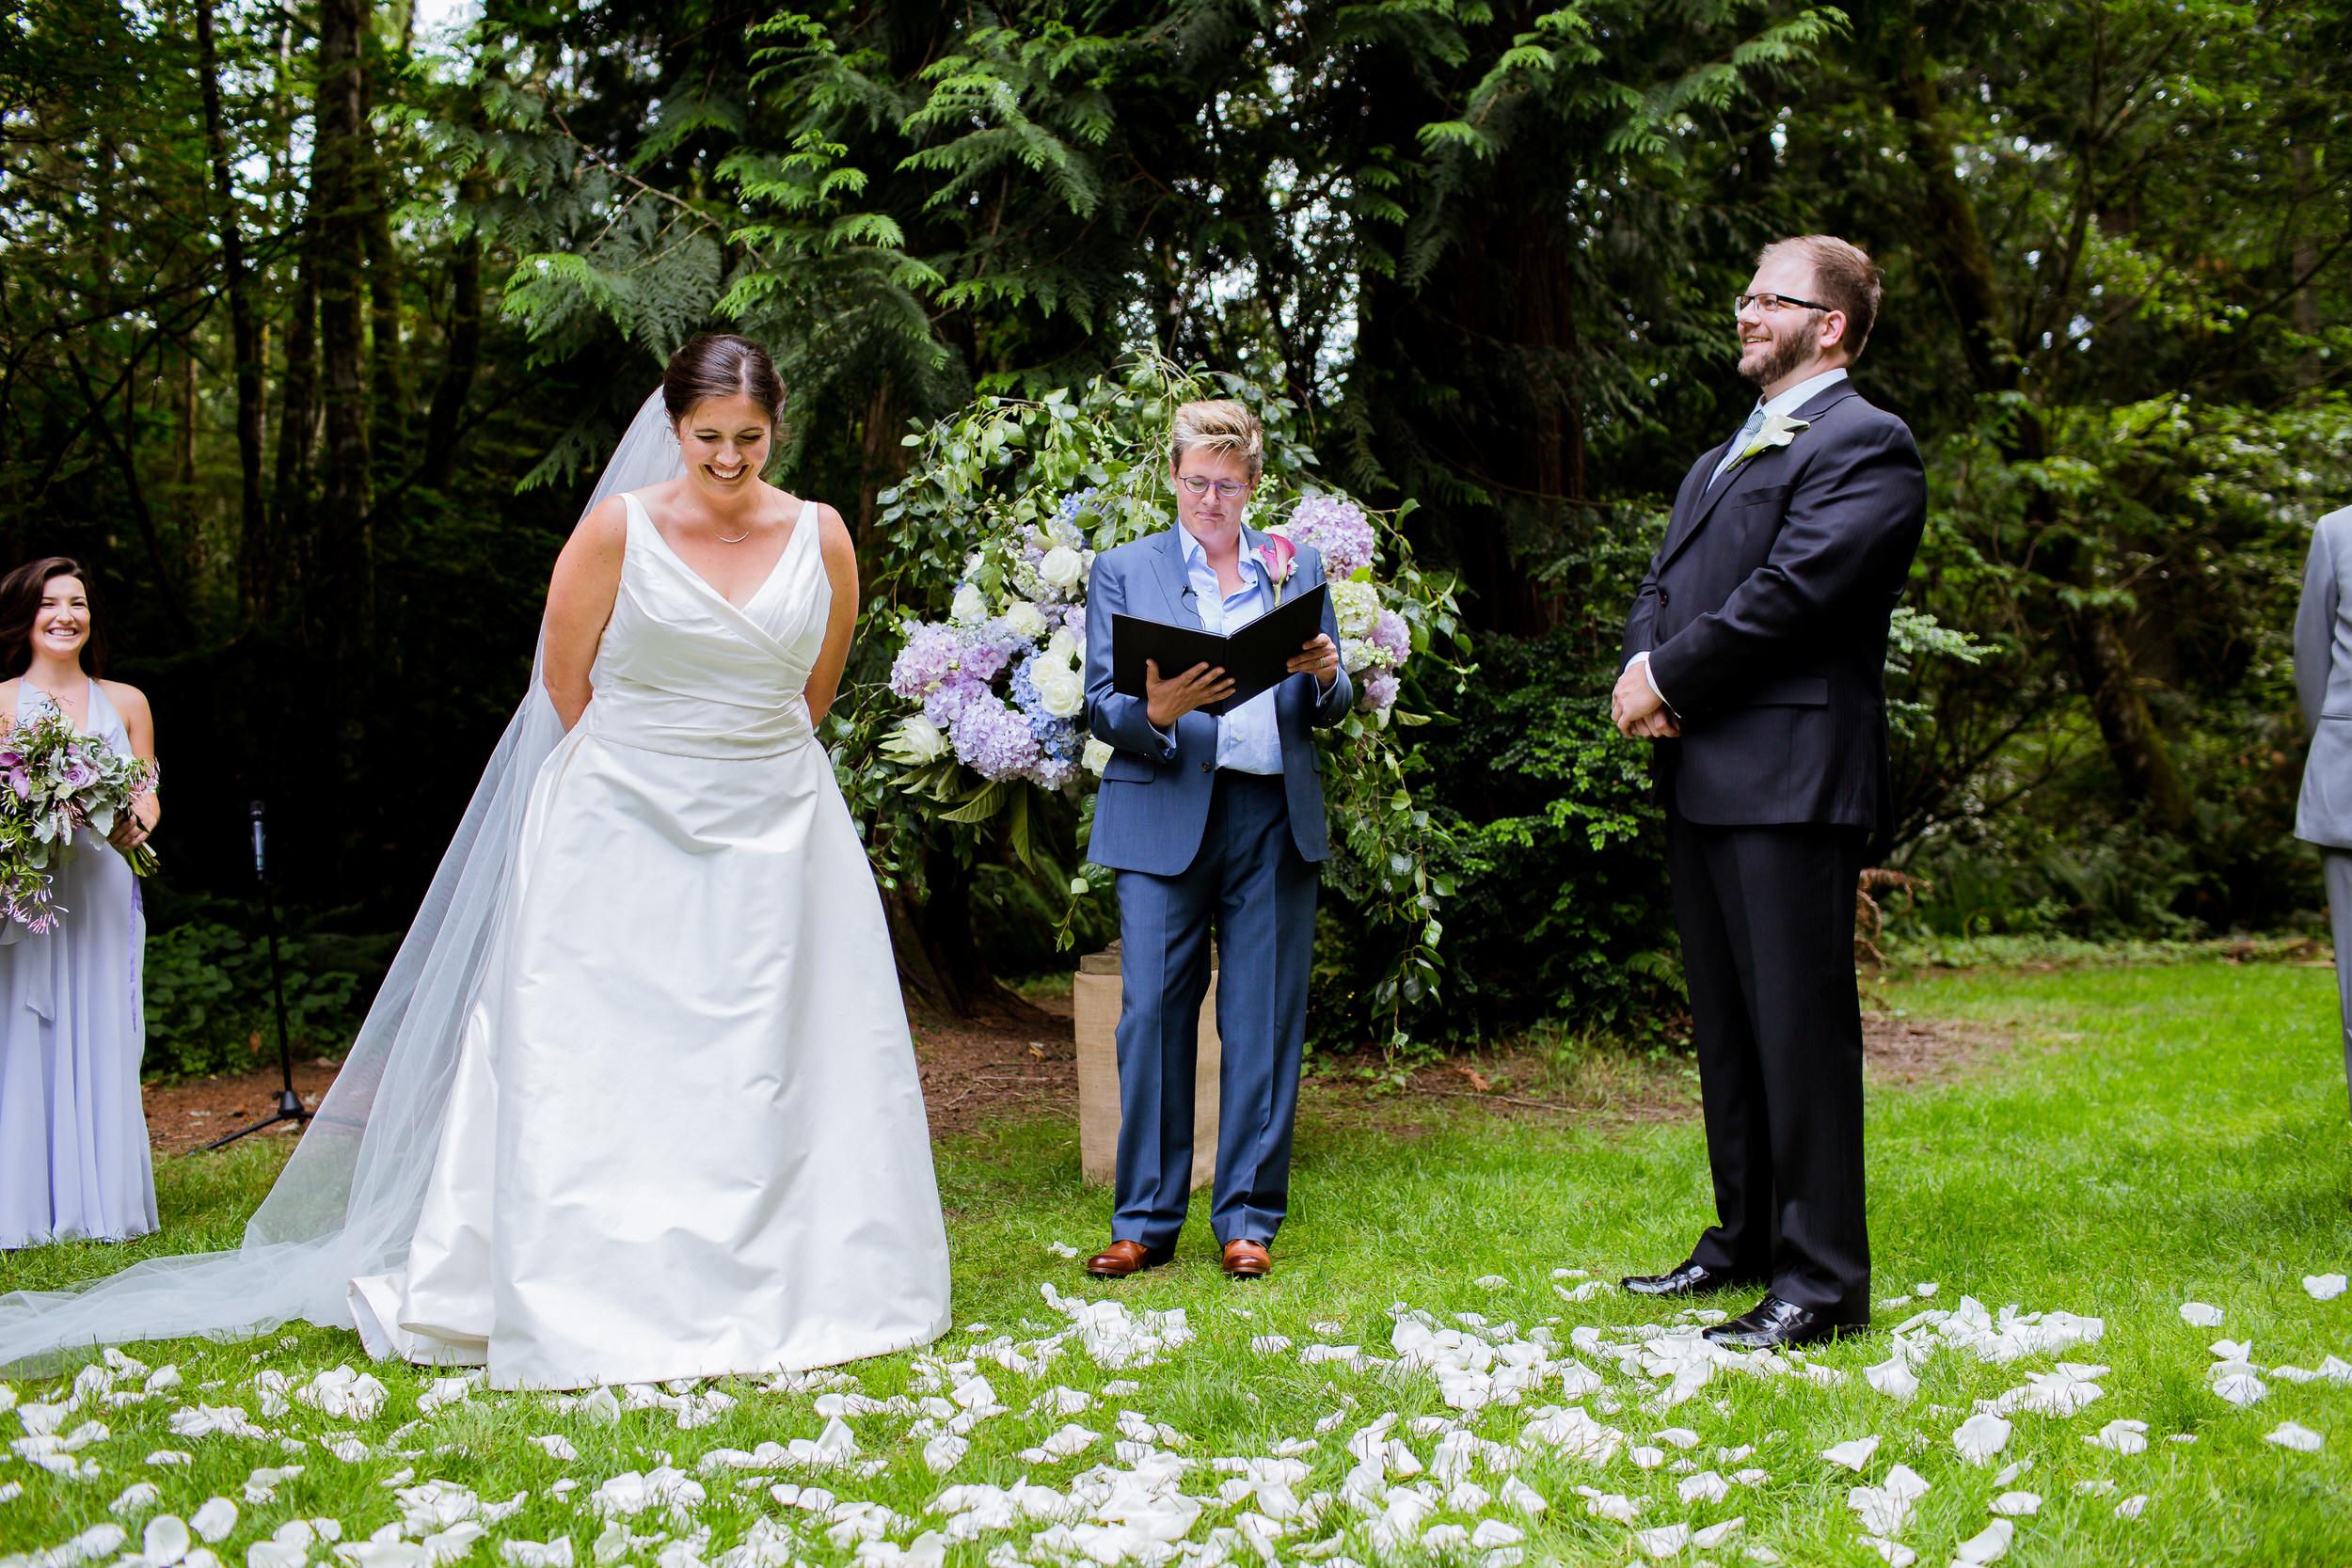 Islandwood_Retreat_Bambridge_Island_Washington_Wedding_021